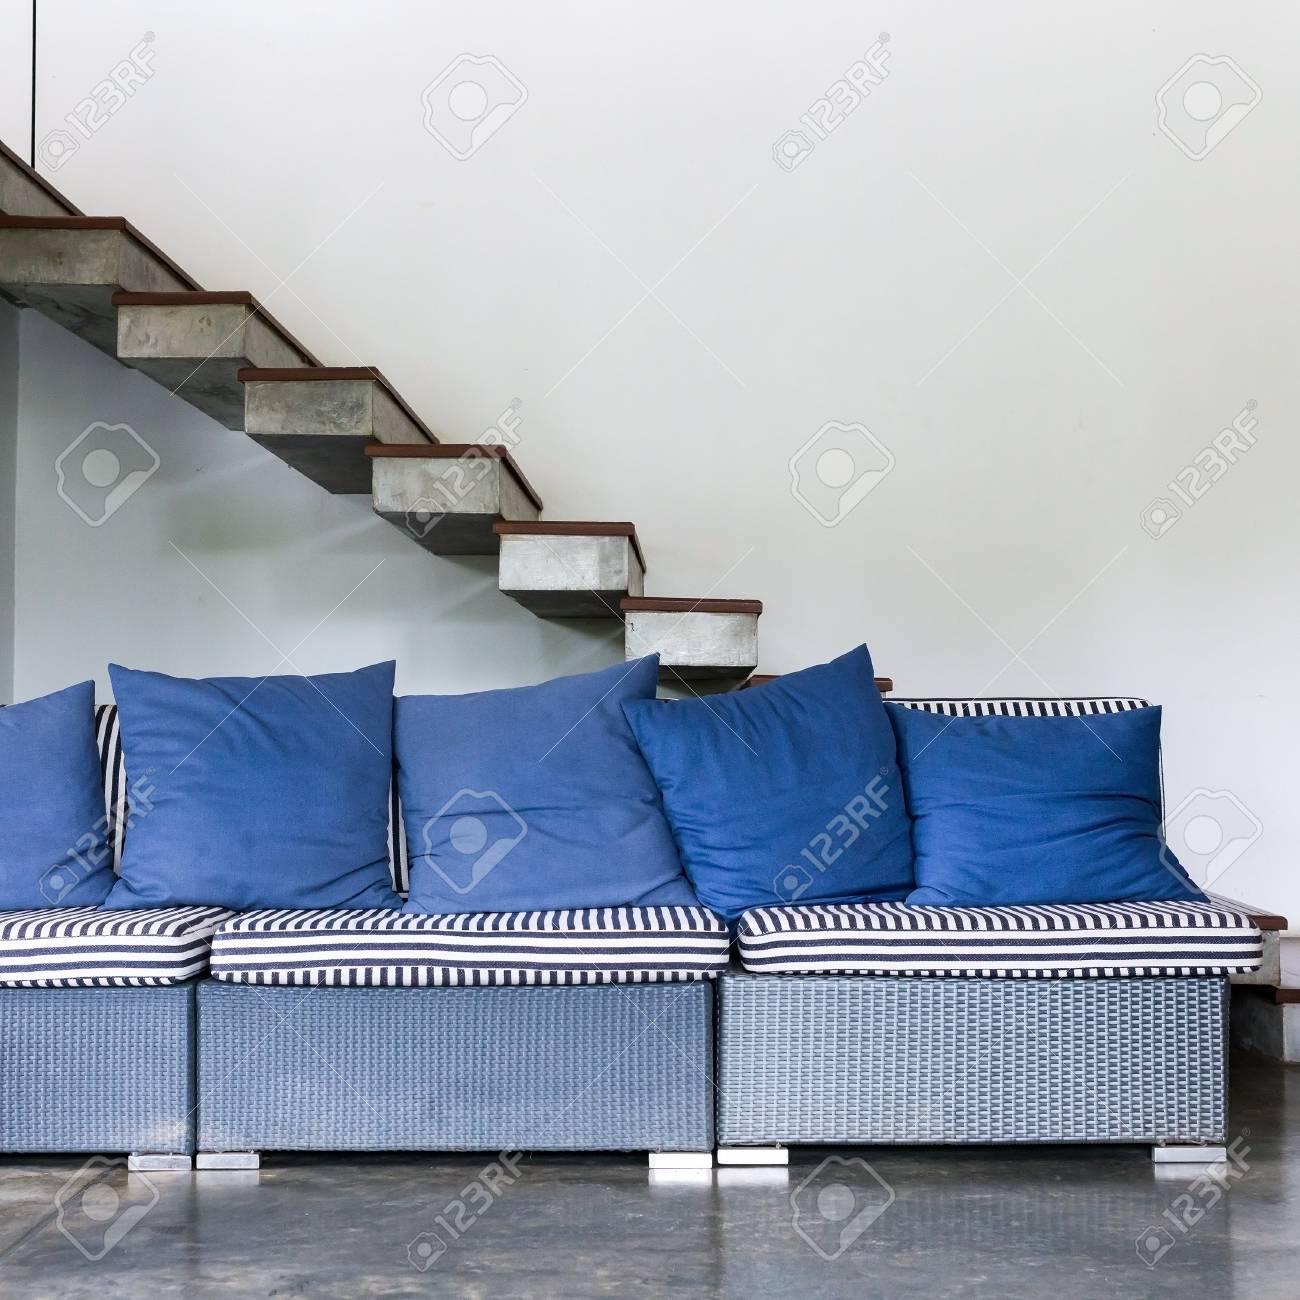 Interieur Wohnzimmer Modernen Stil Mit Blauen Sofa Möbel Und Treppe Im  Weißen Raum Standard Bild